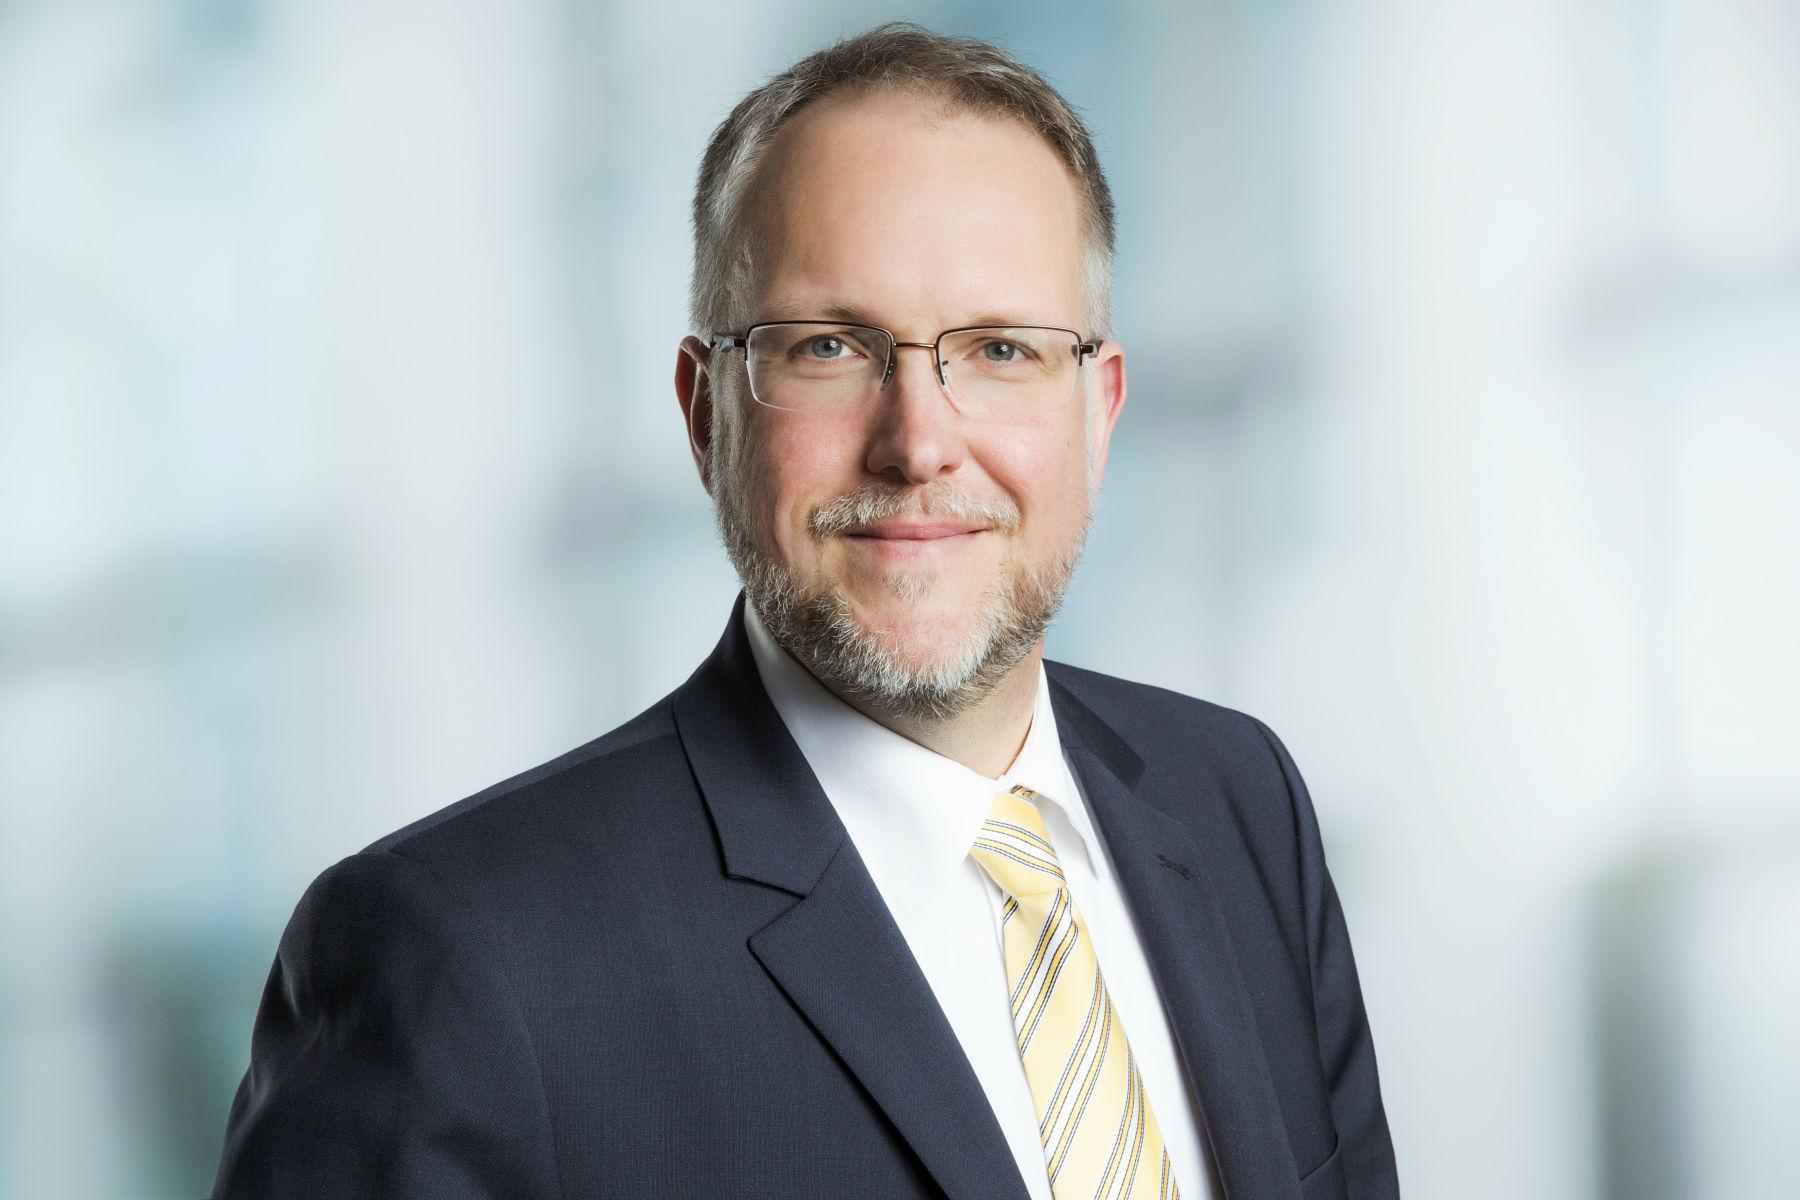 Kommunikationsberater, Redakteur und Coach Karsten Deicke